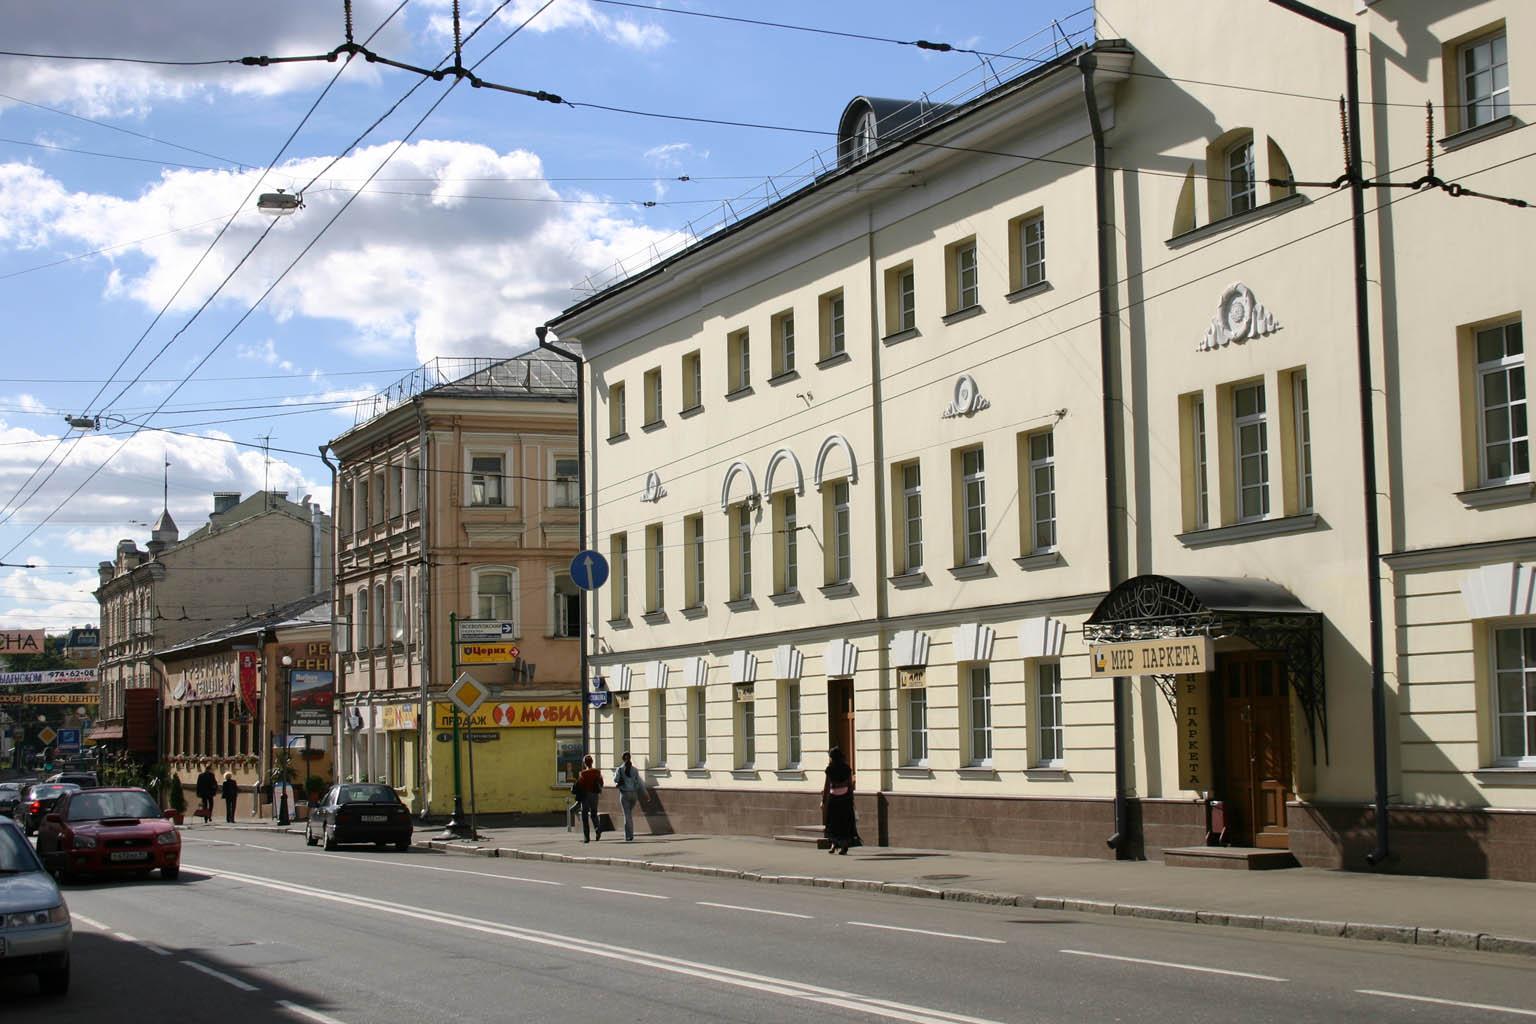 Чудов монастырь - основан в 1365 г. митрополитом Алексеем